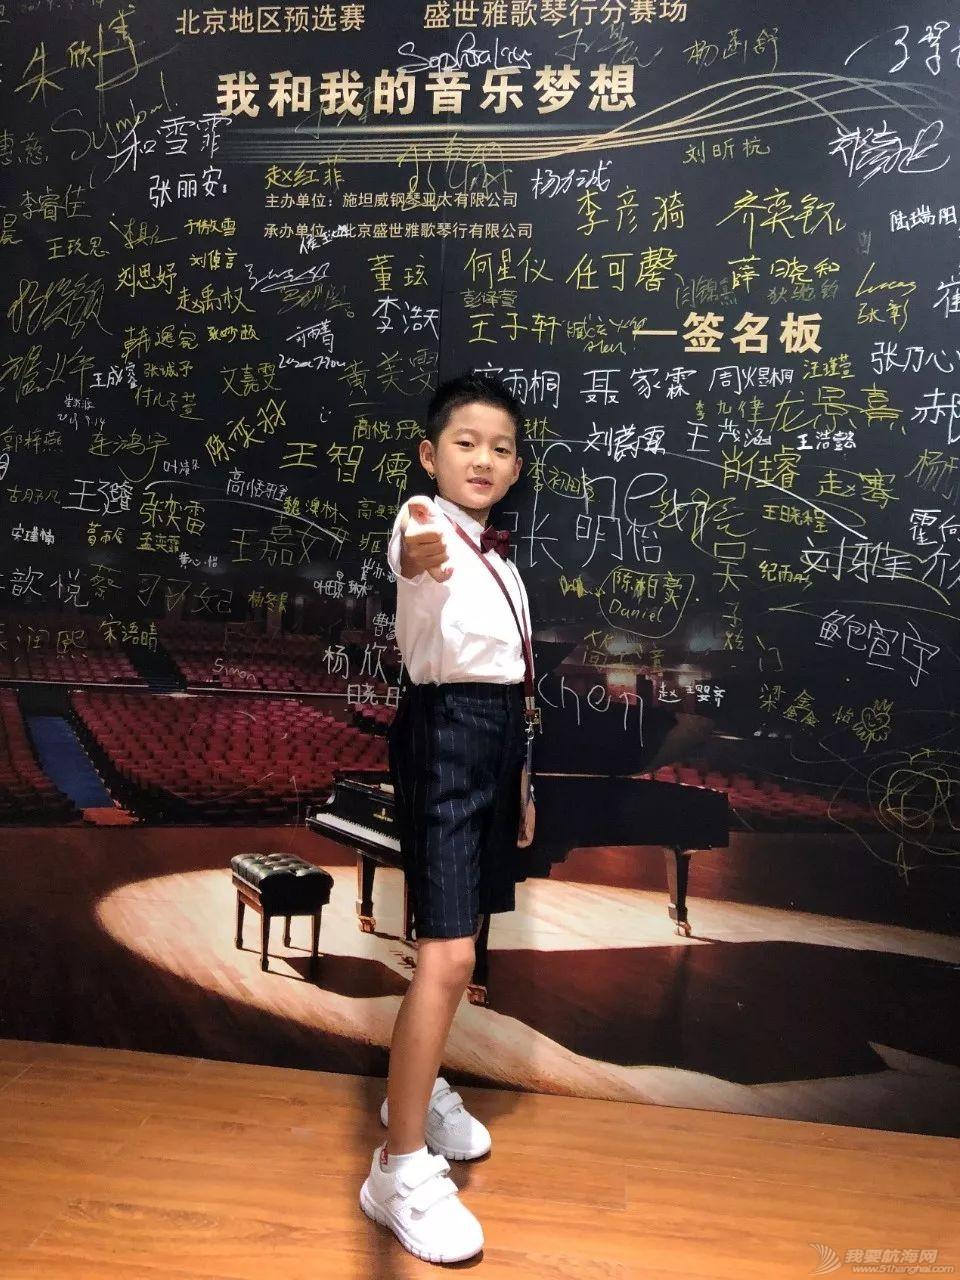 番外篇:用心热爱帆船的阿铁与小公|新中国70华诞特辑?w47.jpg